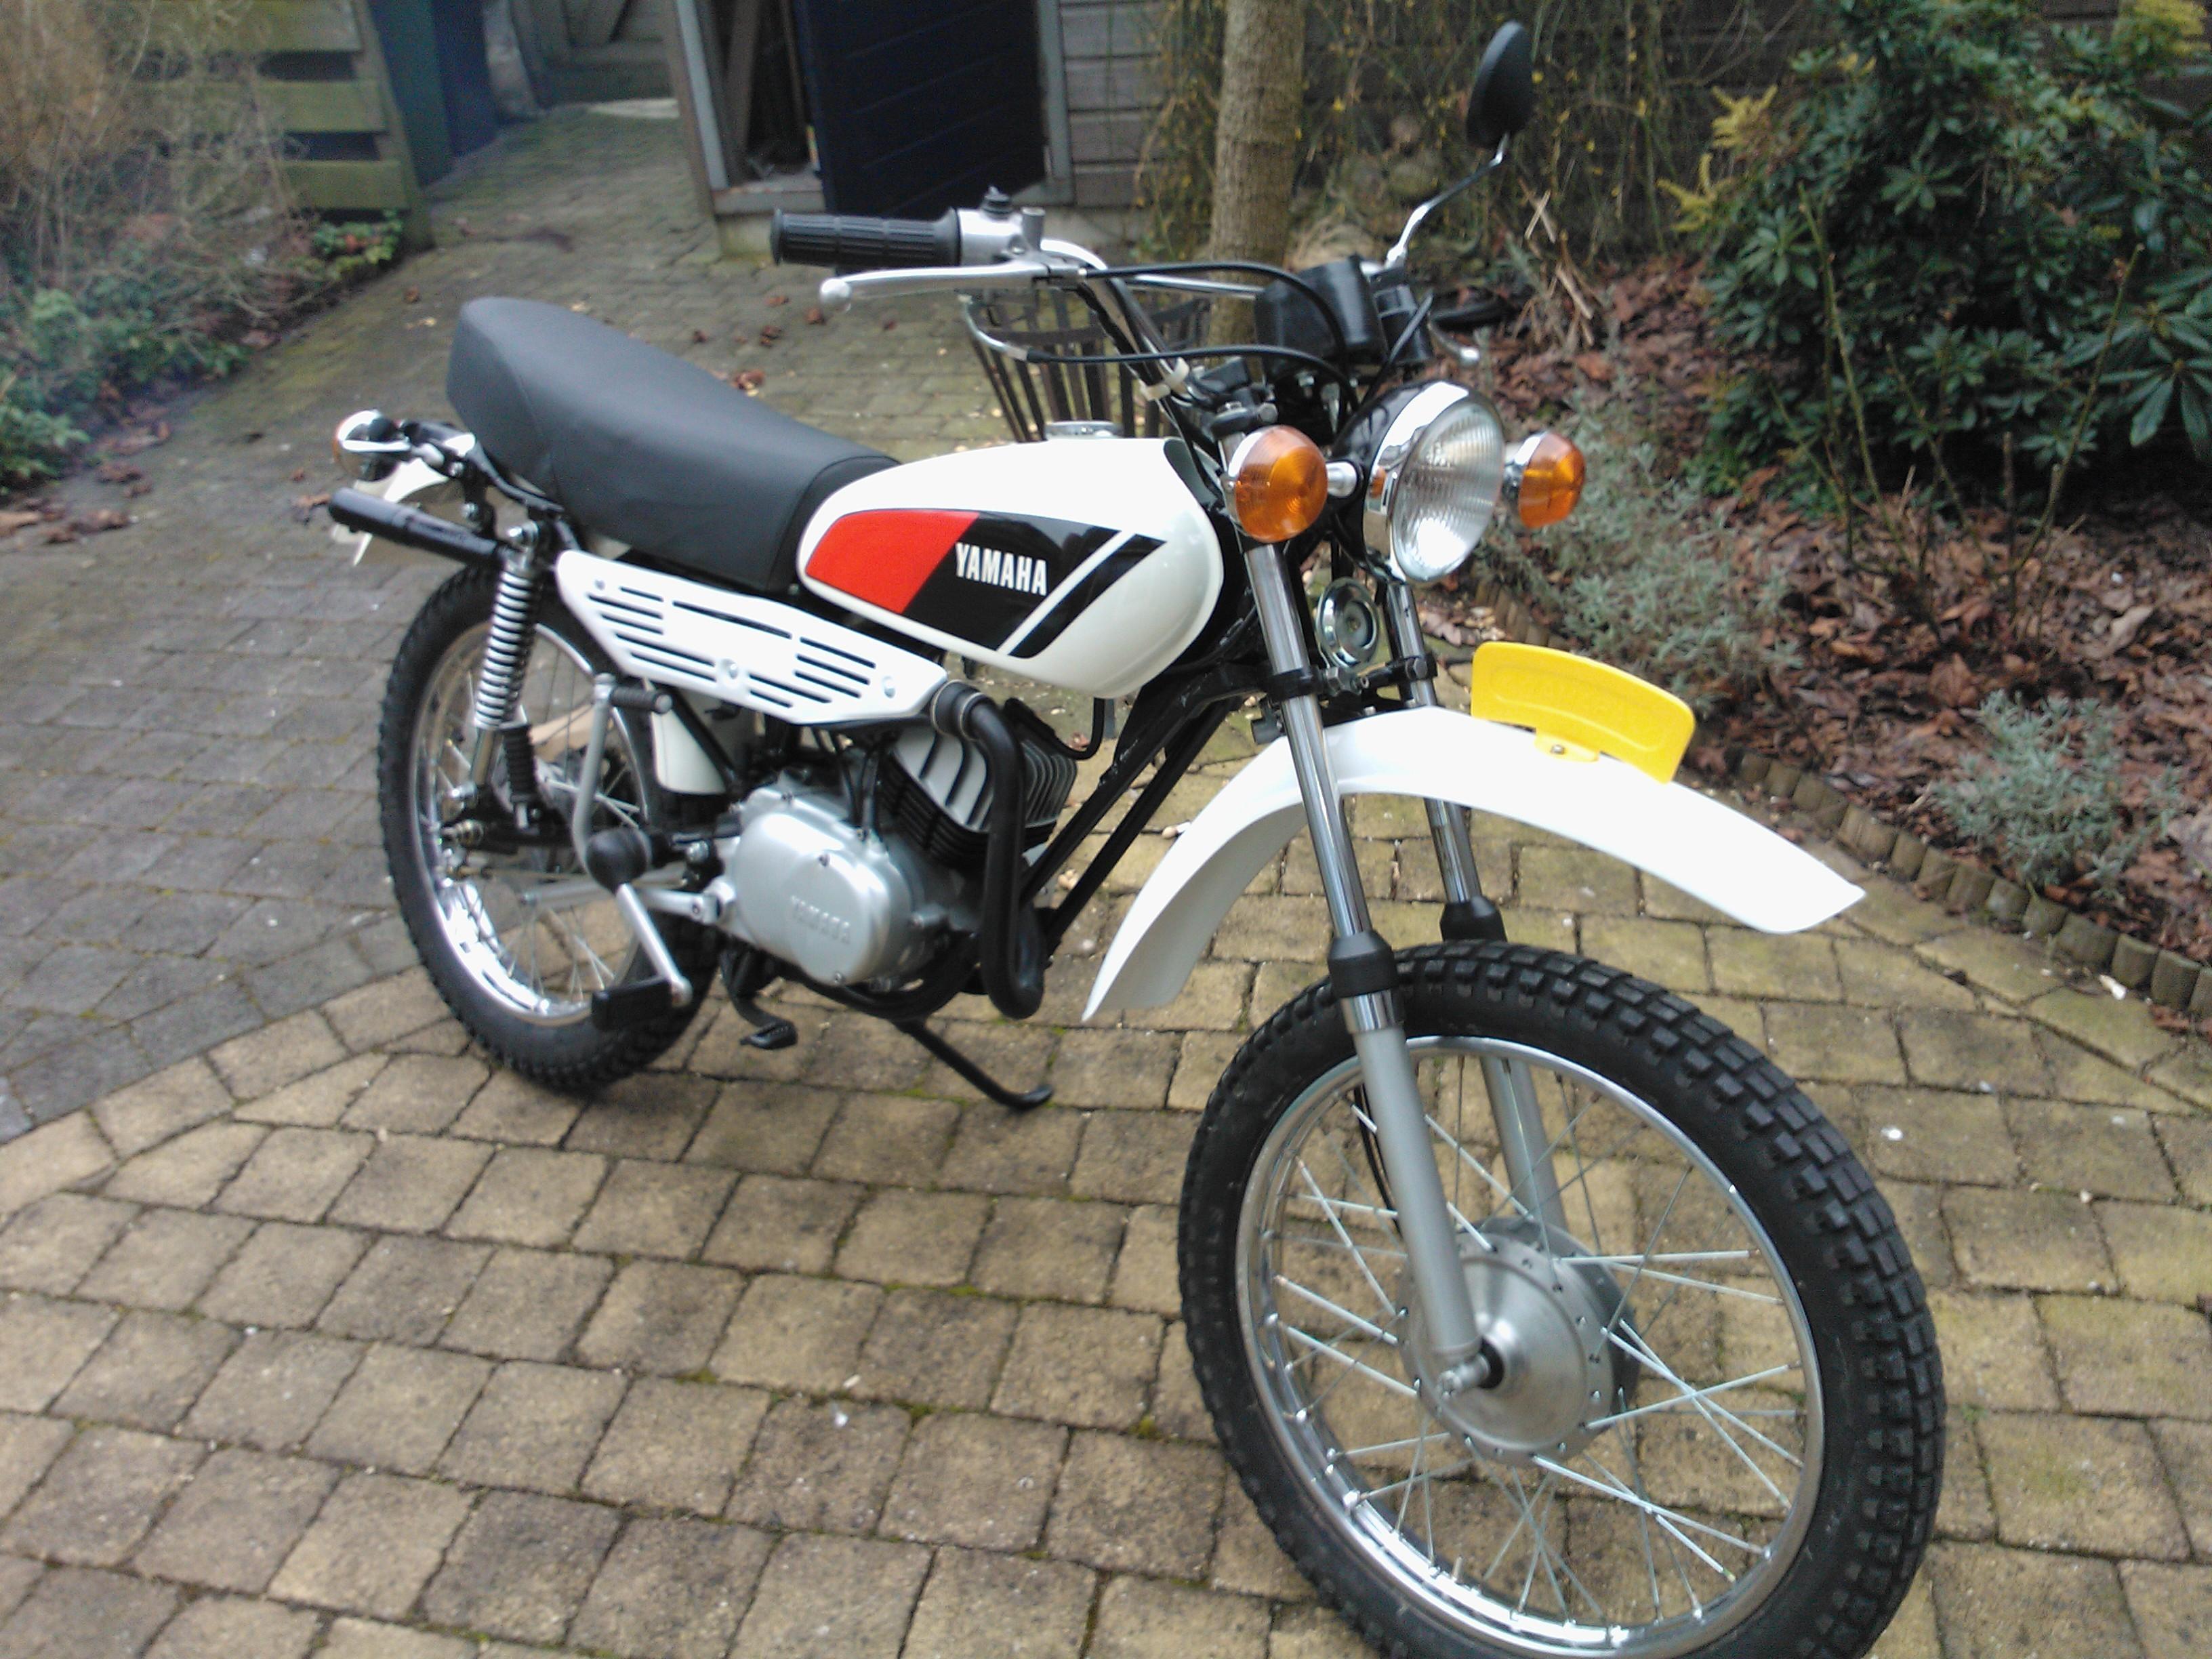 Yamaha dt50m 1978 from bert reitsma